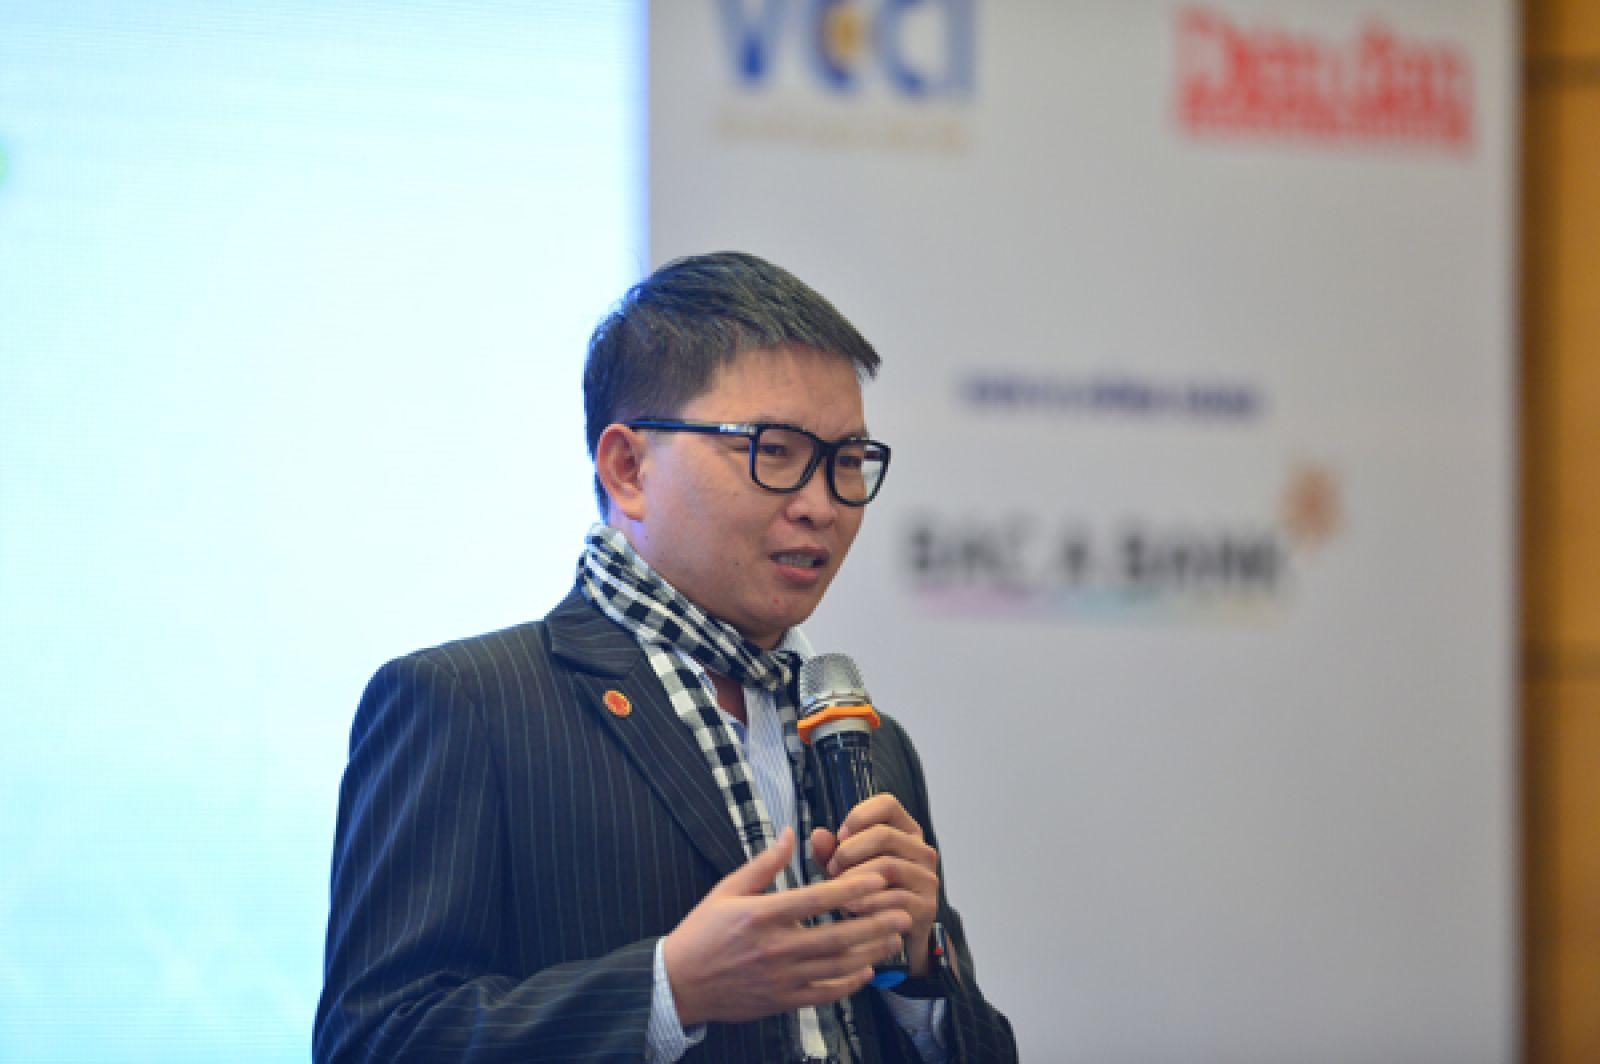 Nguyễn Tiến Trung tại Festival Khởi nghiệp ngày 18/1/2019, Phòng Thương mại và Công nghiệp Việt Nam (VCCI). Ảnh: KH&PTPT